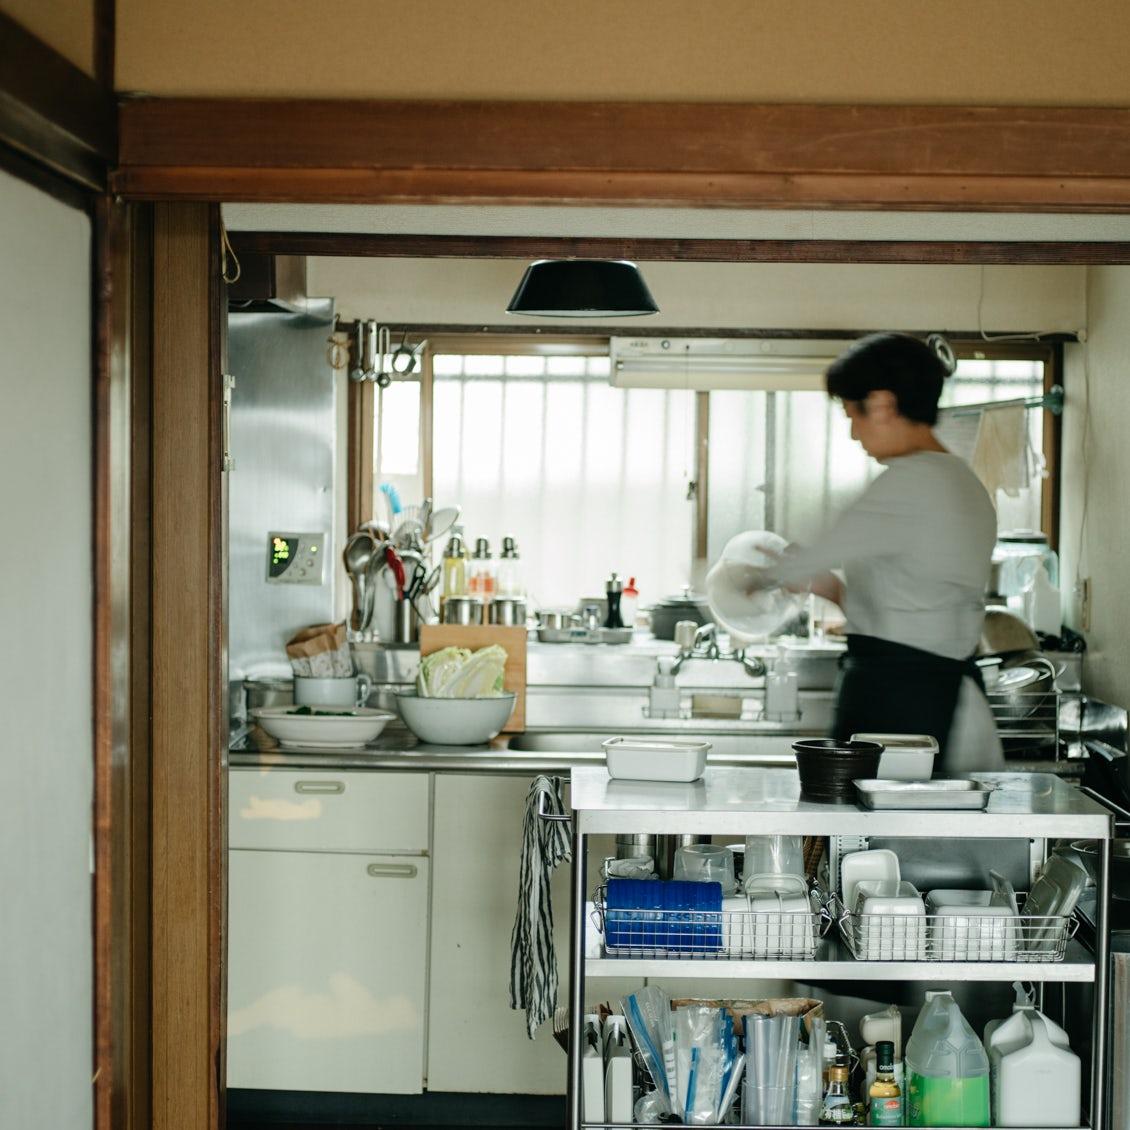 【食べることが好きだから】一田憲子さんの、日々のごはんを美味しくする工夫